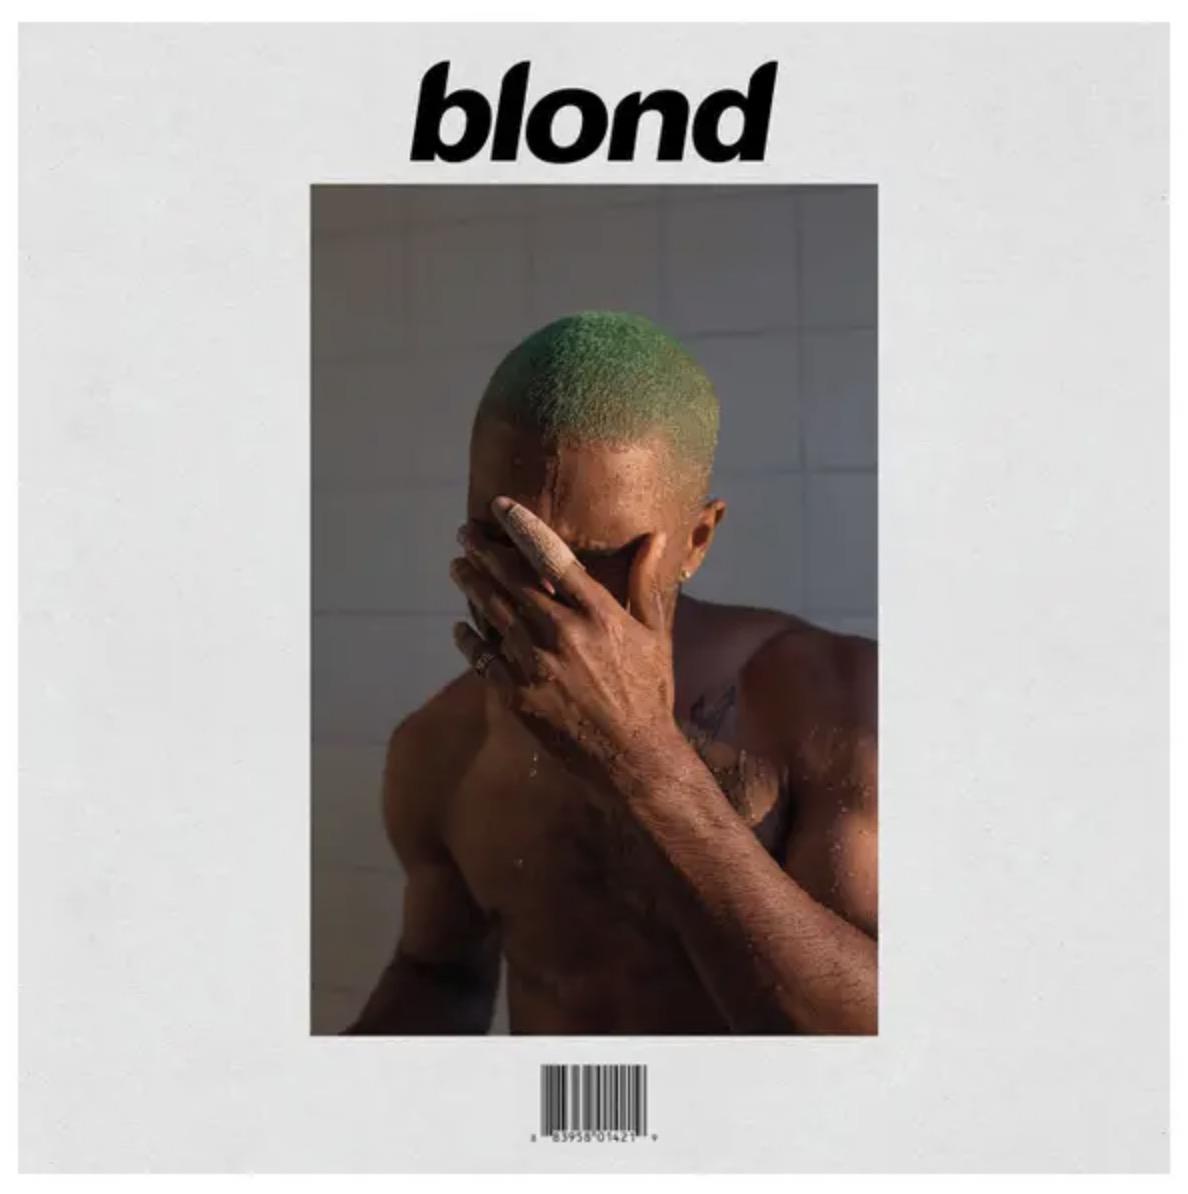 kusursuz albümler